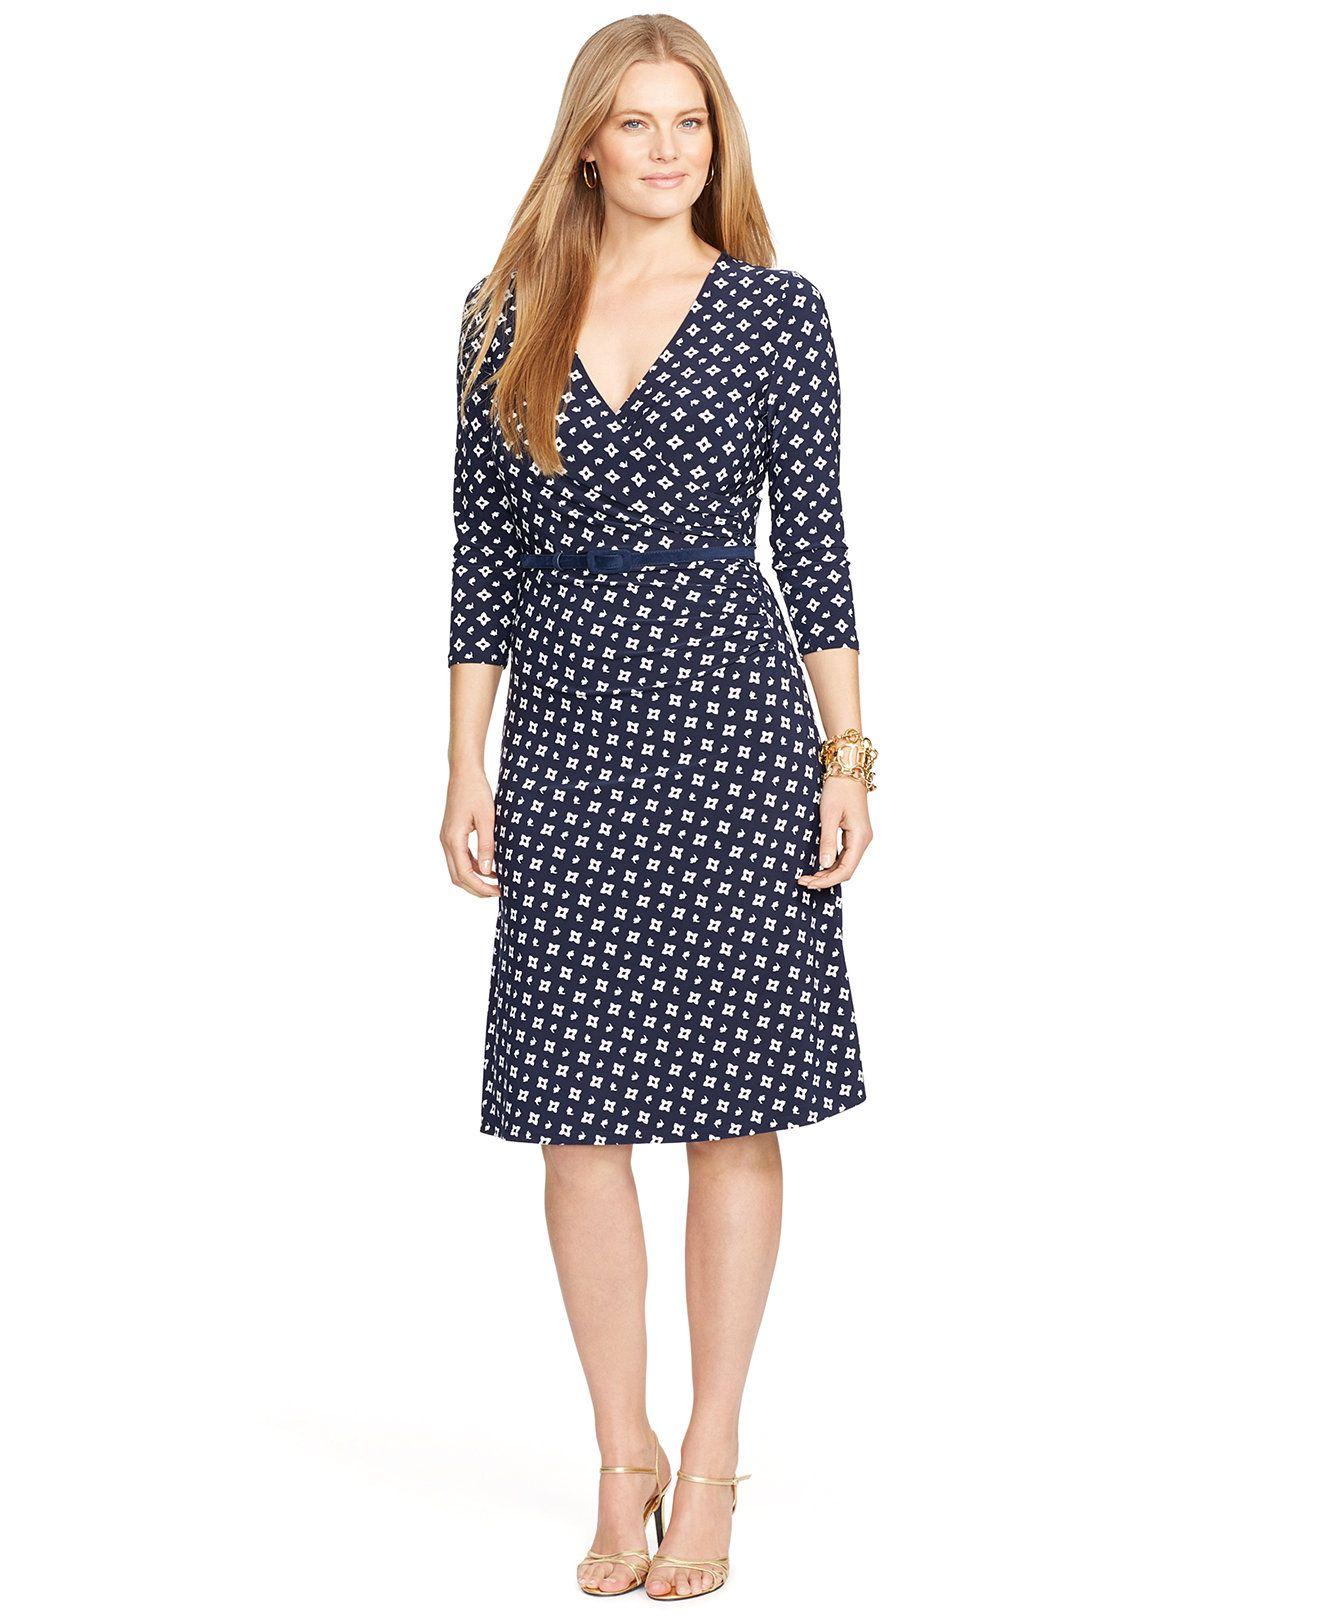 e2c78054ac Lauren Ralph Lauren Plus Size Floral-Print Faux-Wrap Dress - Dresses - Plus  Sizes - Macy s